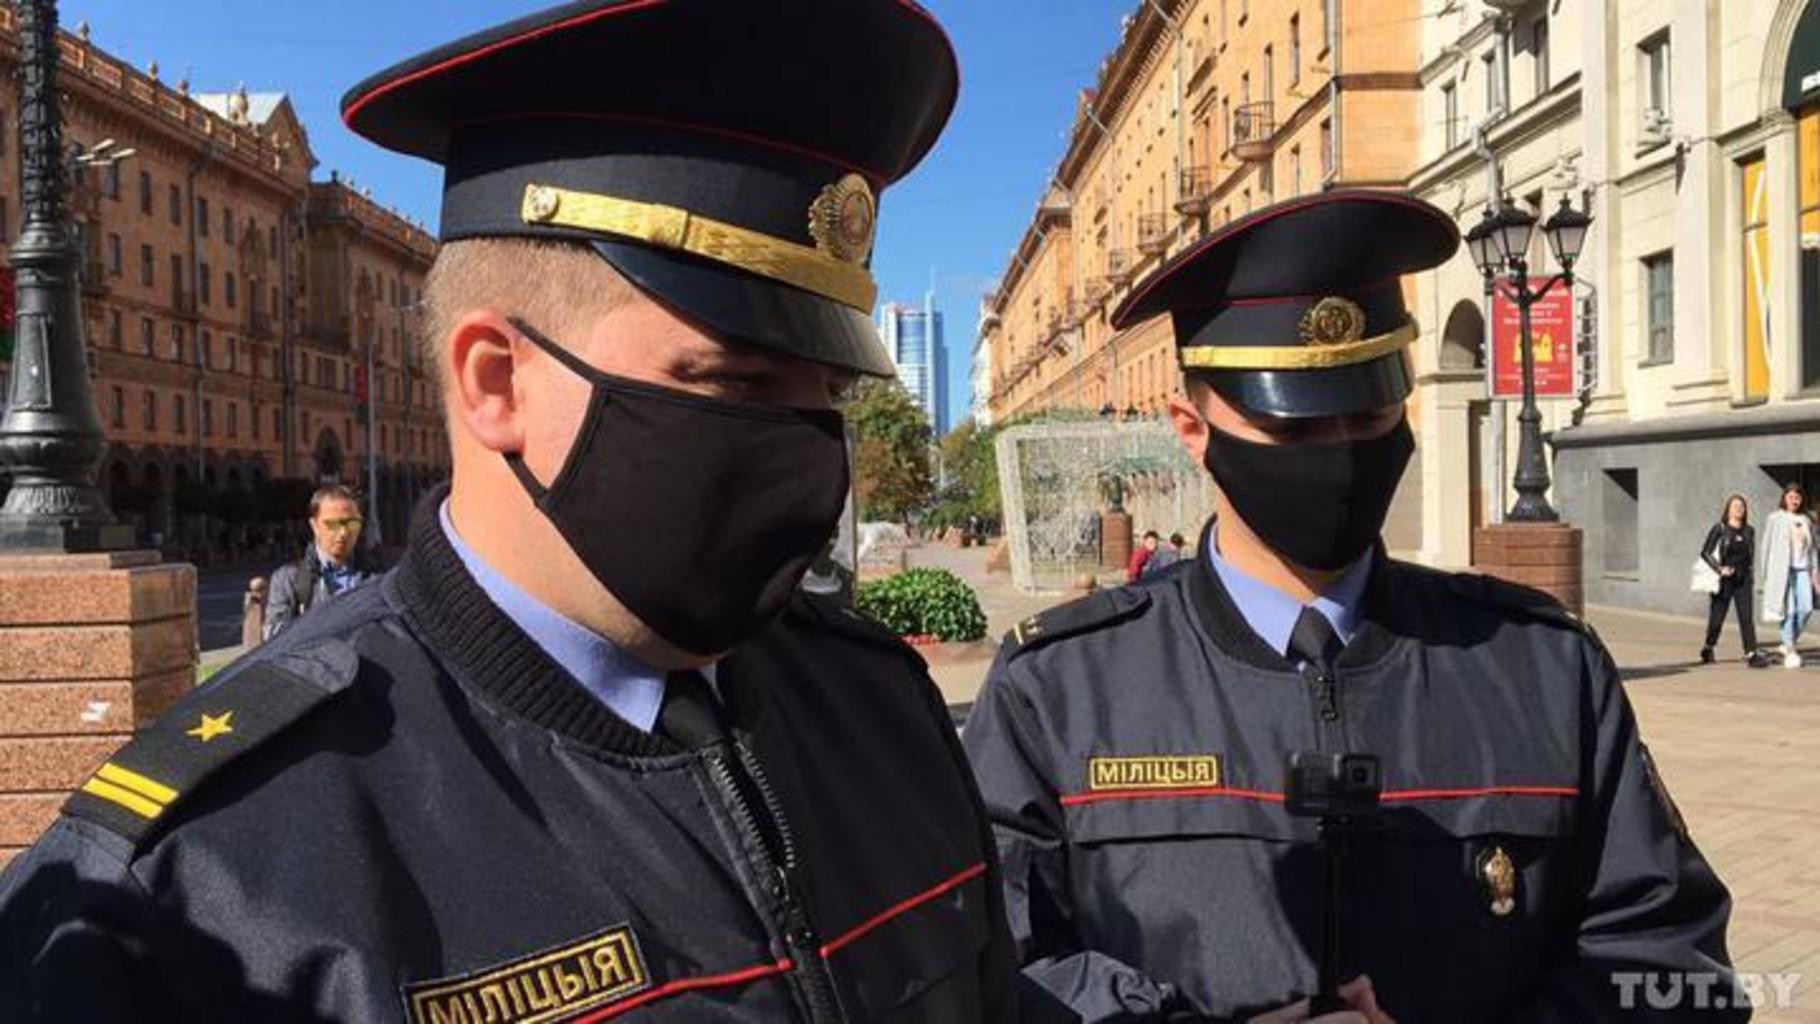 Miliciya guvd obshchenie s zhurnalistami 20092020